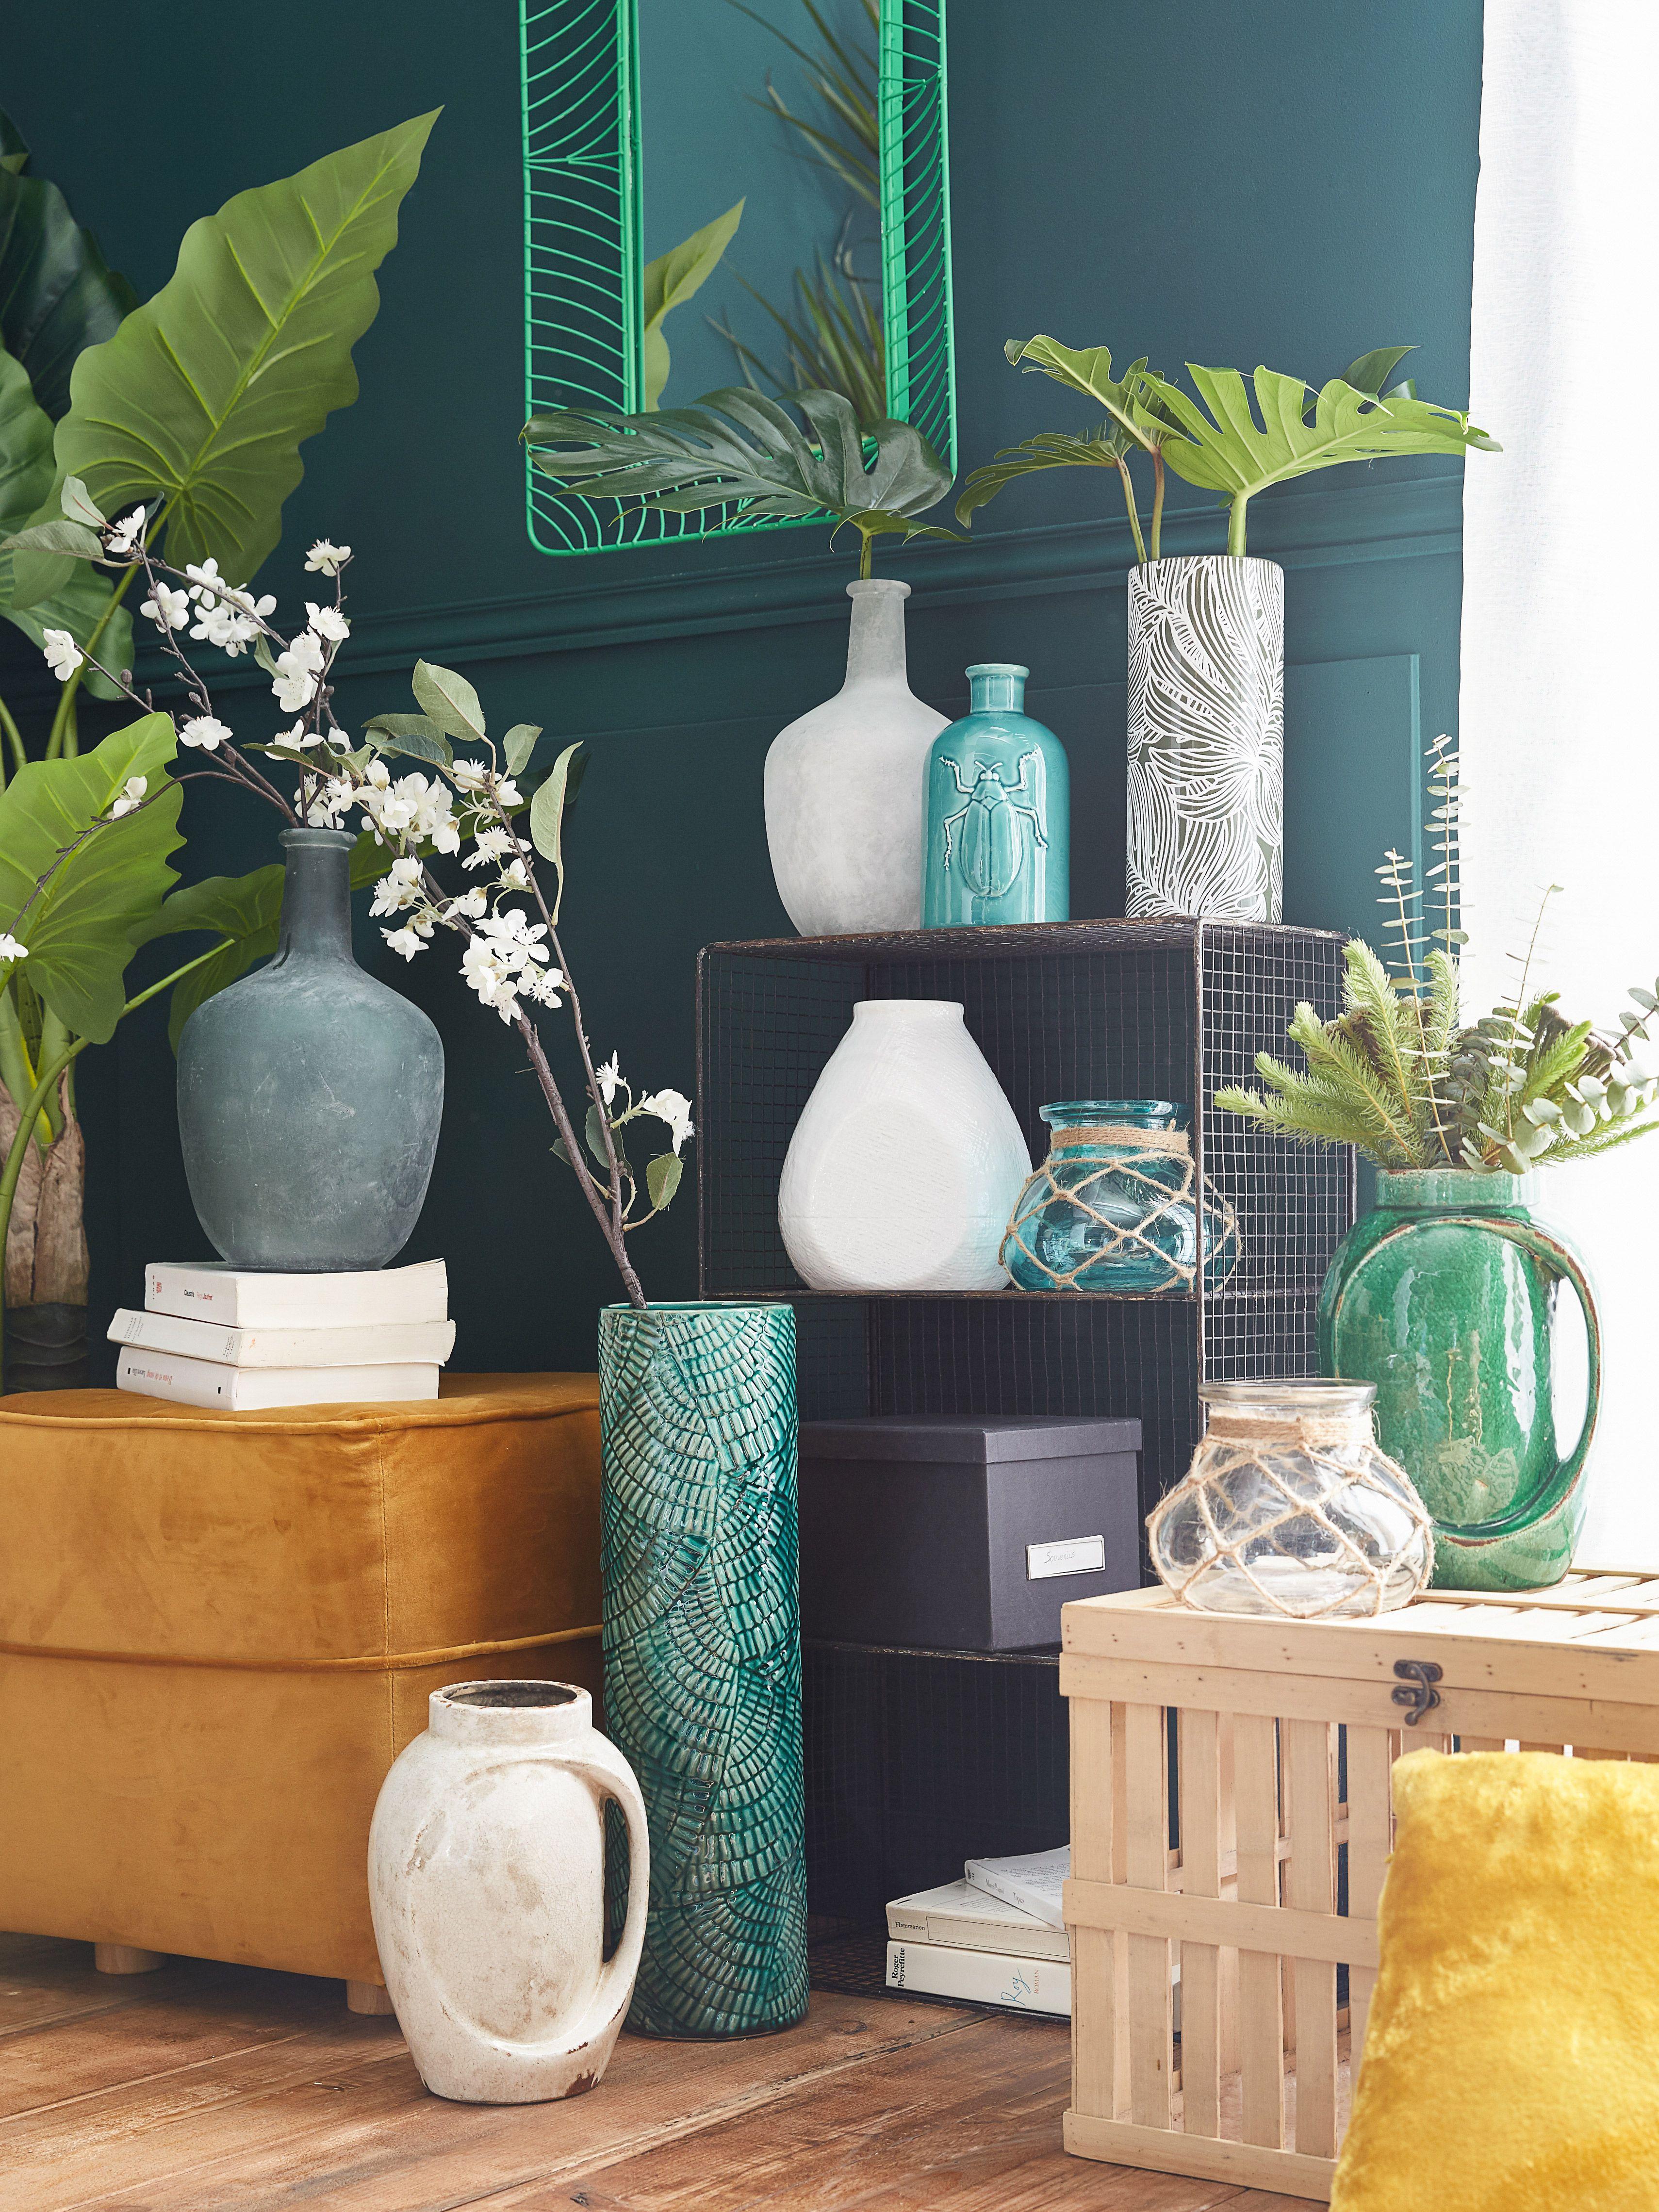 havana tempo adoptez nos idees pour une deco plus exotique decoration deco maison alinea